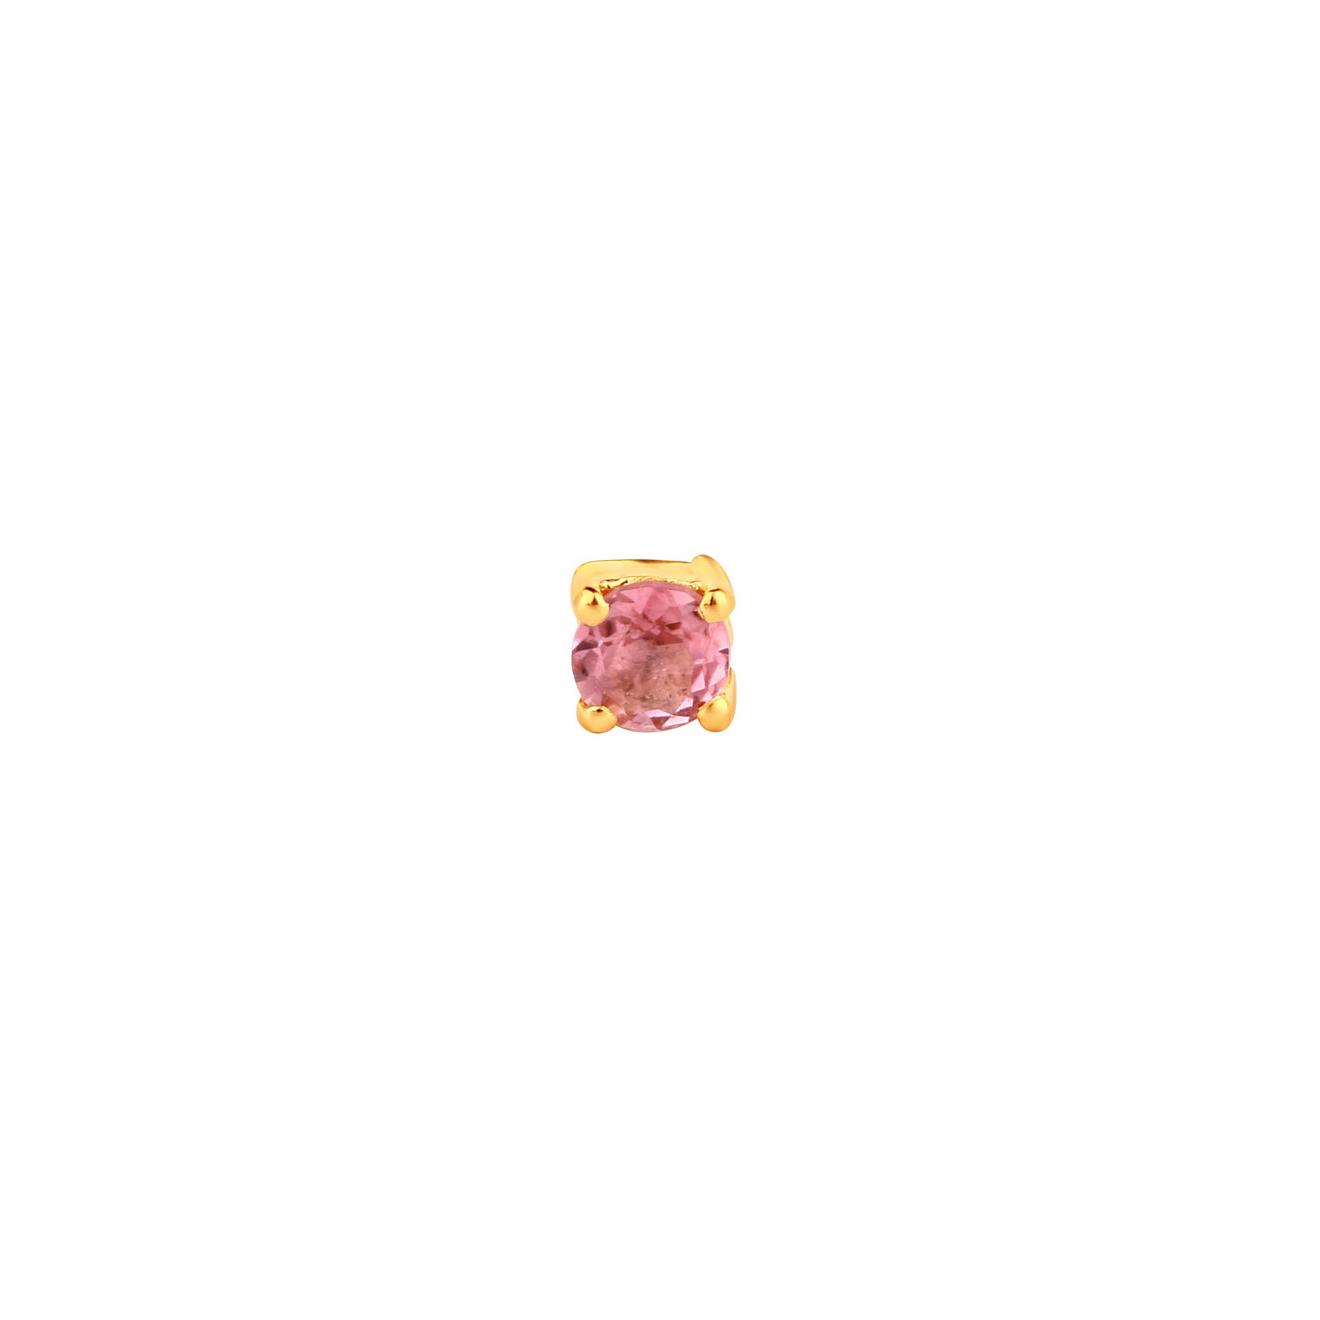 LAV'Z Позолоченная моносерьга из серебра с турмалином, из коллекции Nebula lav z позолоченная моносерьга звено из коллекции nebula lav z